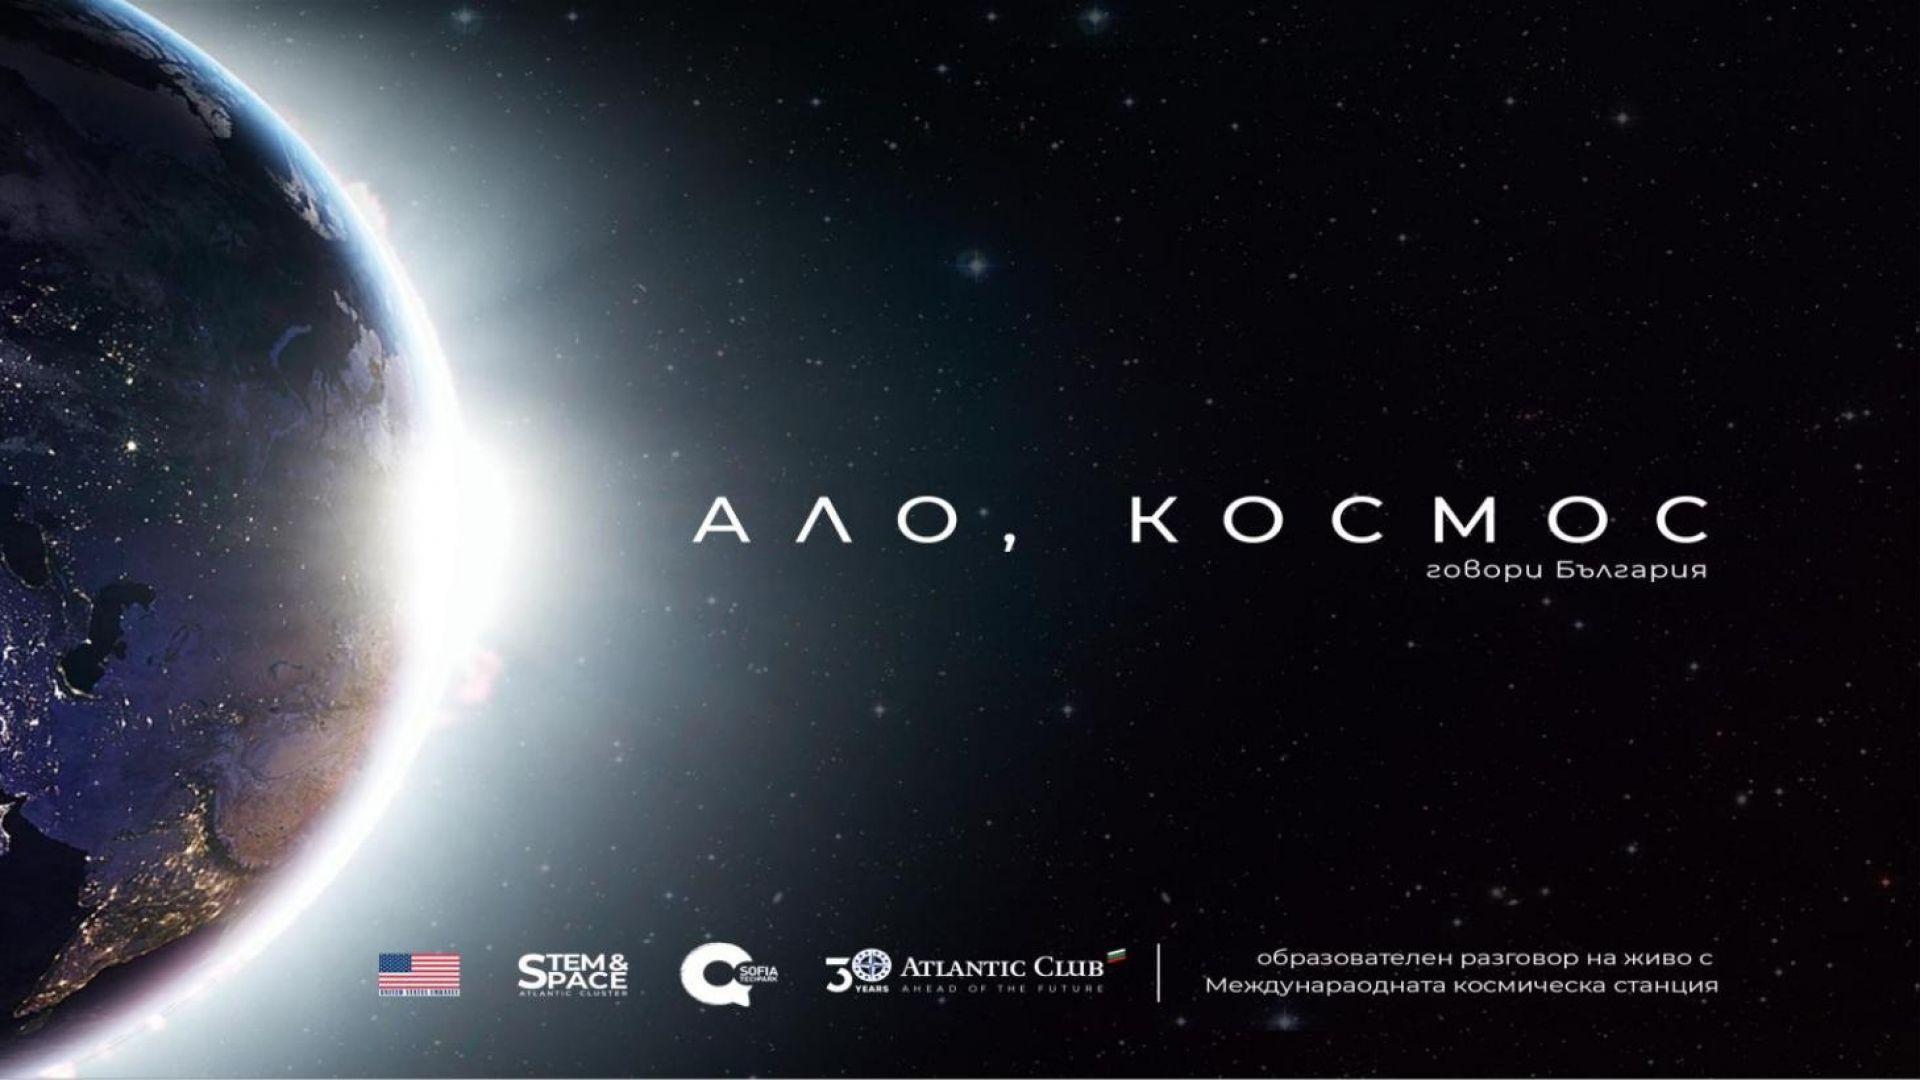 Днес е крайният срок за въпроси към астрoнавтите на МКС